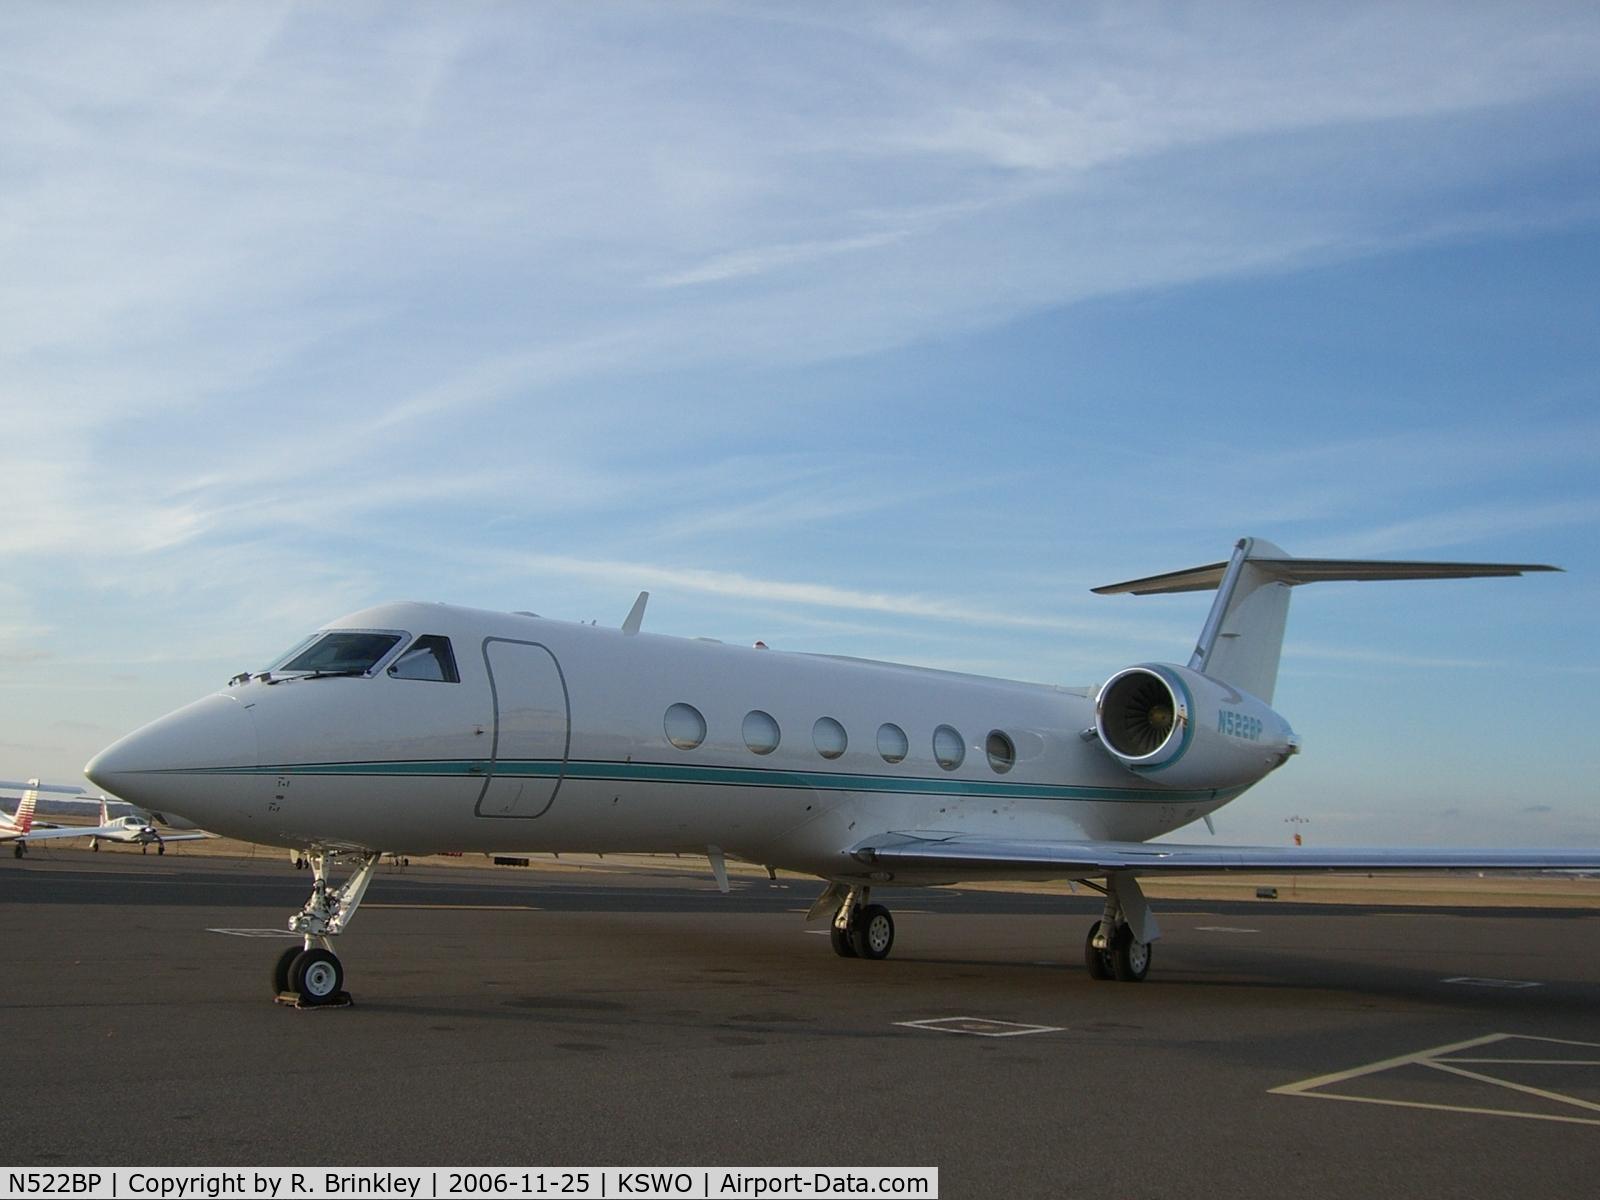 N522BP, 2006 Gulfstream Aerospace GV-SP (G550) C/N 5135, T. Boone Pickens' G-IV @ KSWO for OU-OSU game